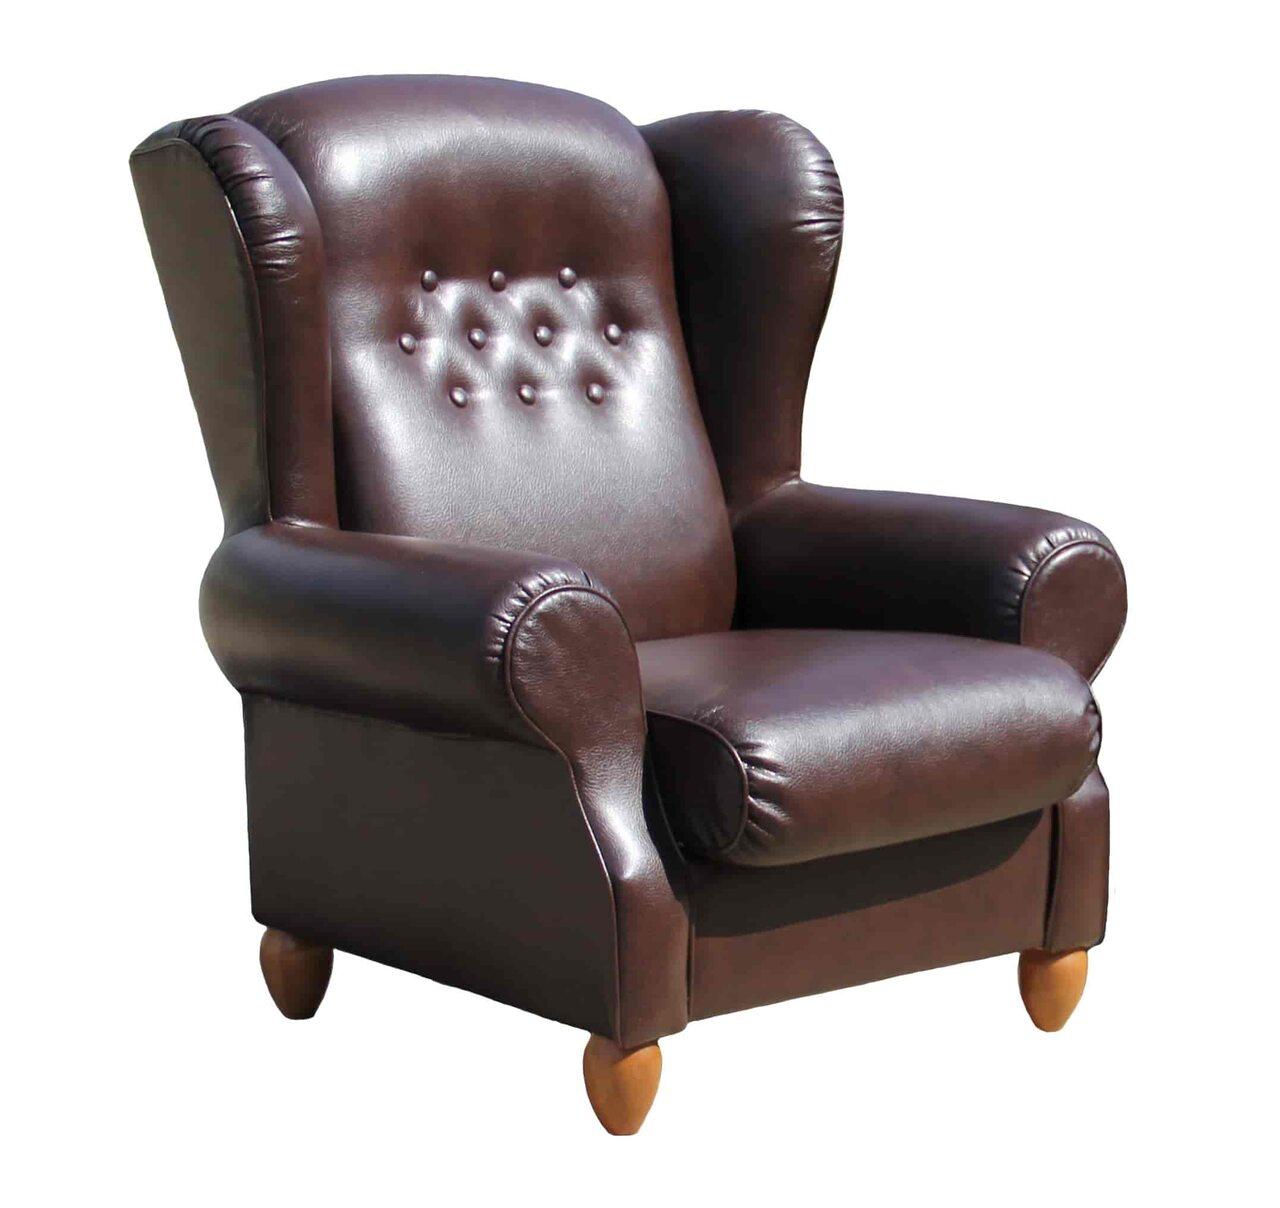 Мягкая офисная мебель Ланкастер - фото 3